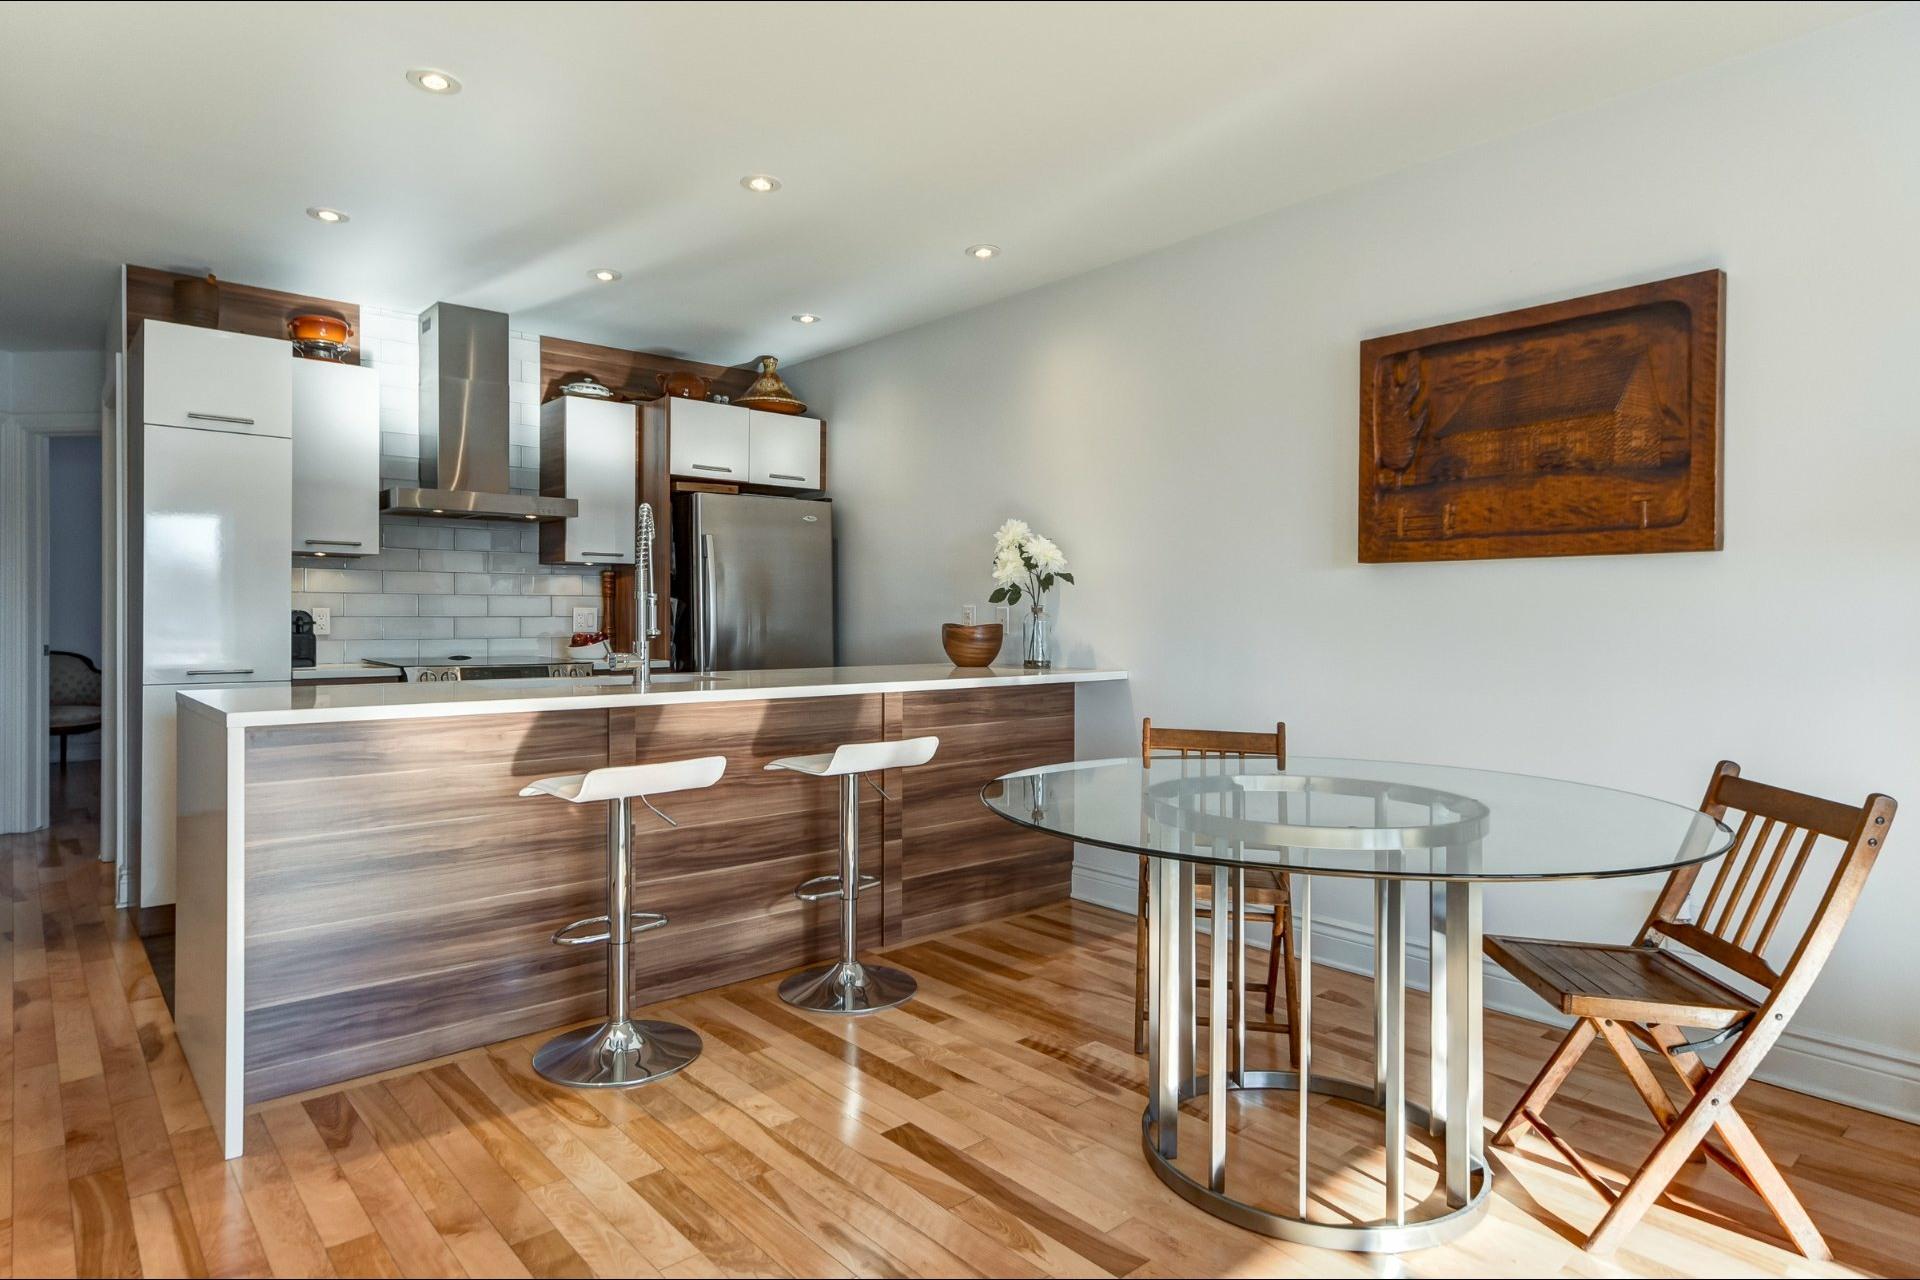 image 3 - Appartement À vendre Villeray/Saint-Michel/Parc-Extension Montréal  - 5 pièces